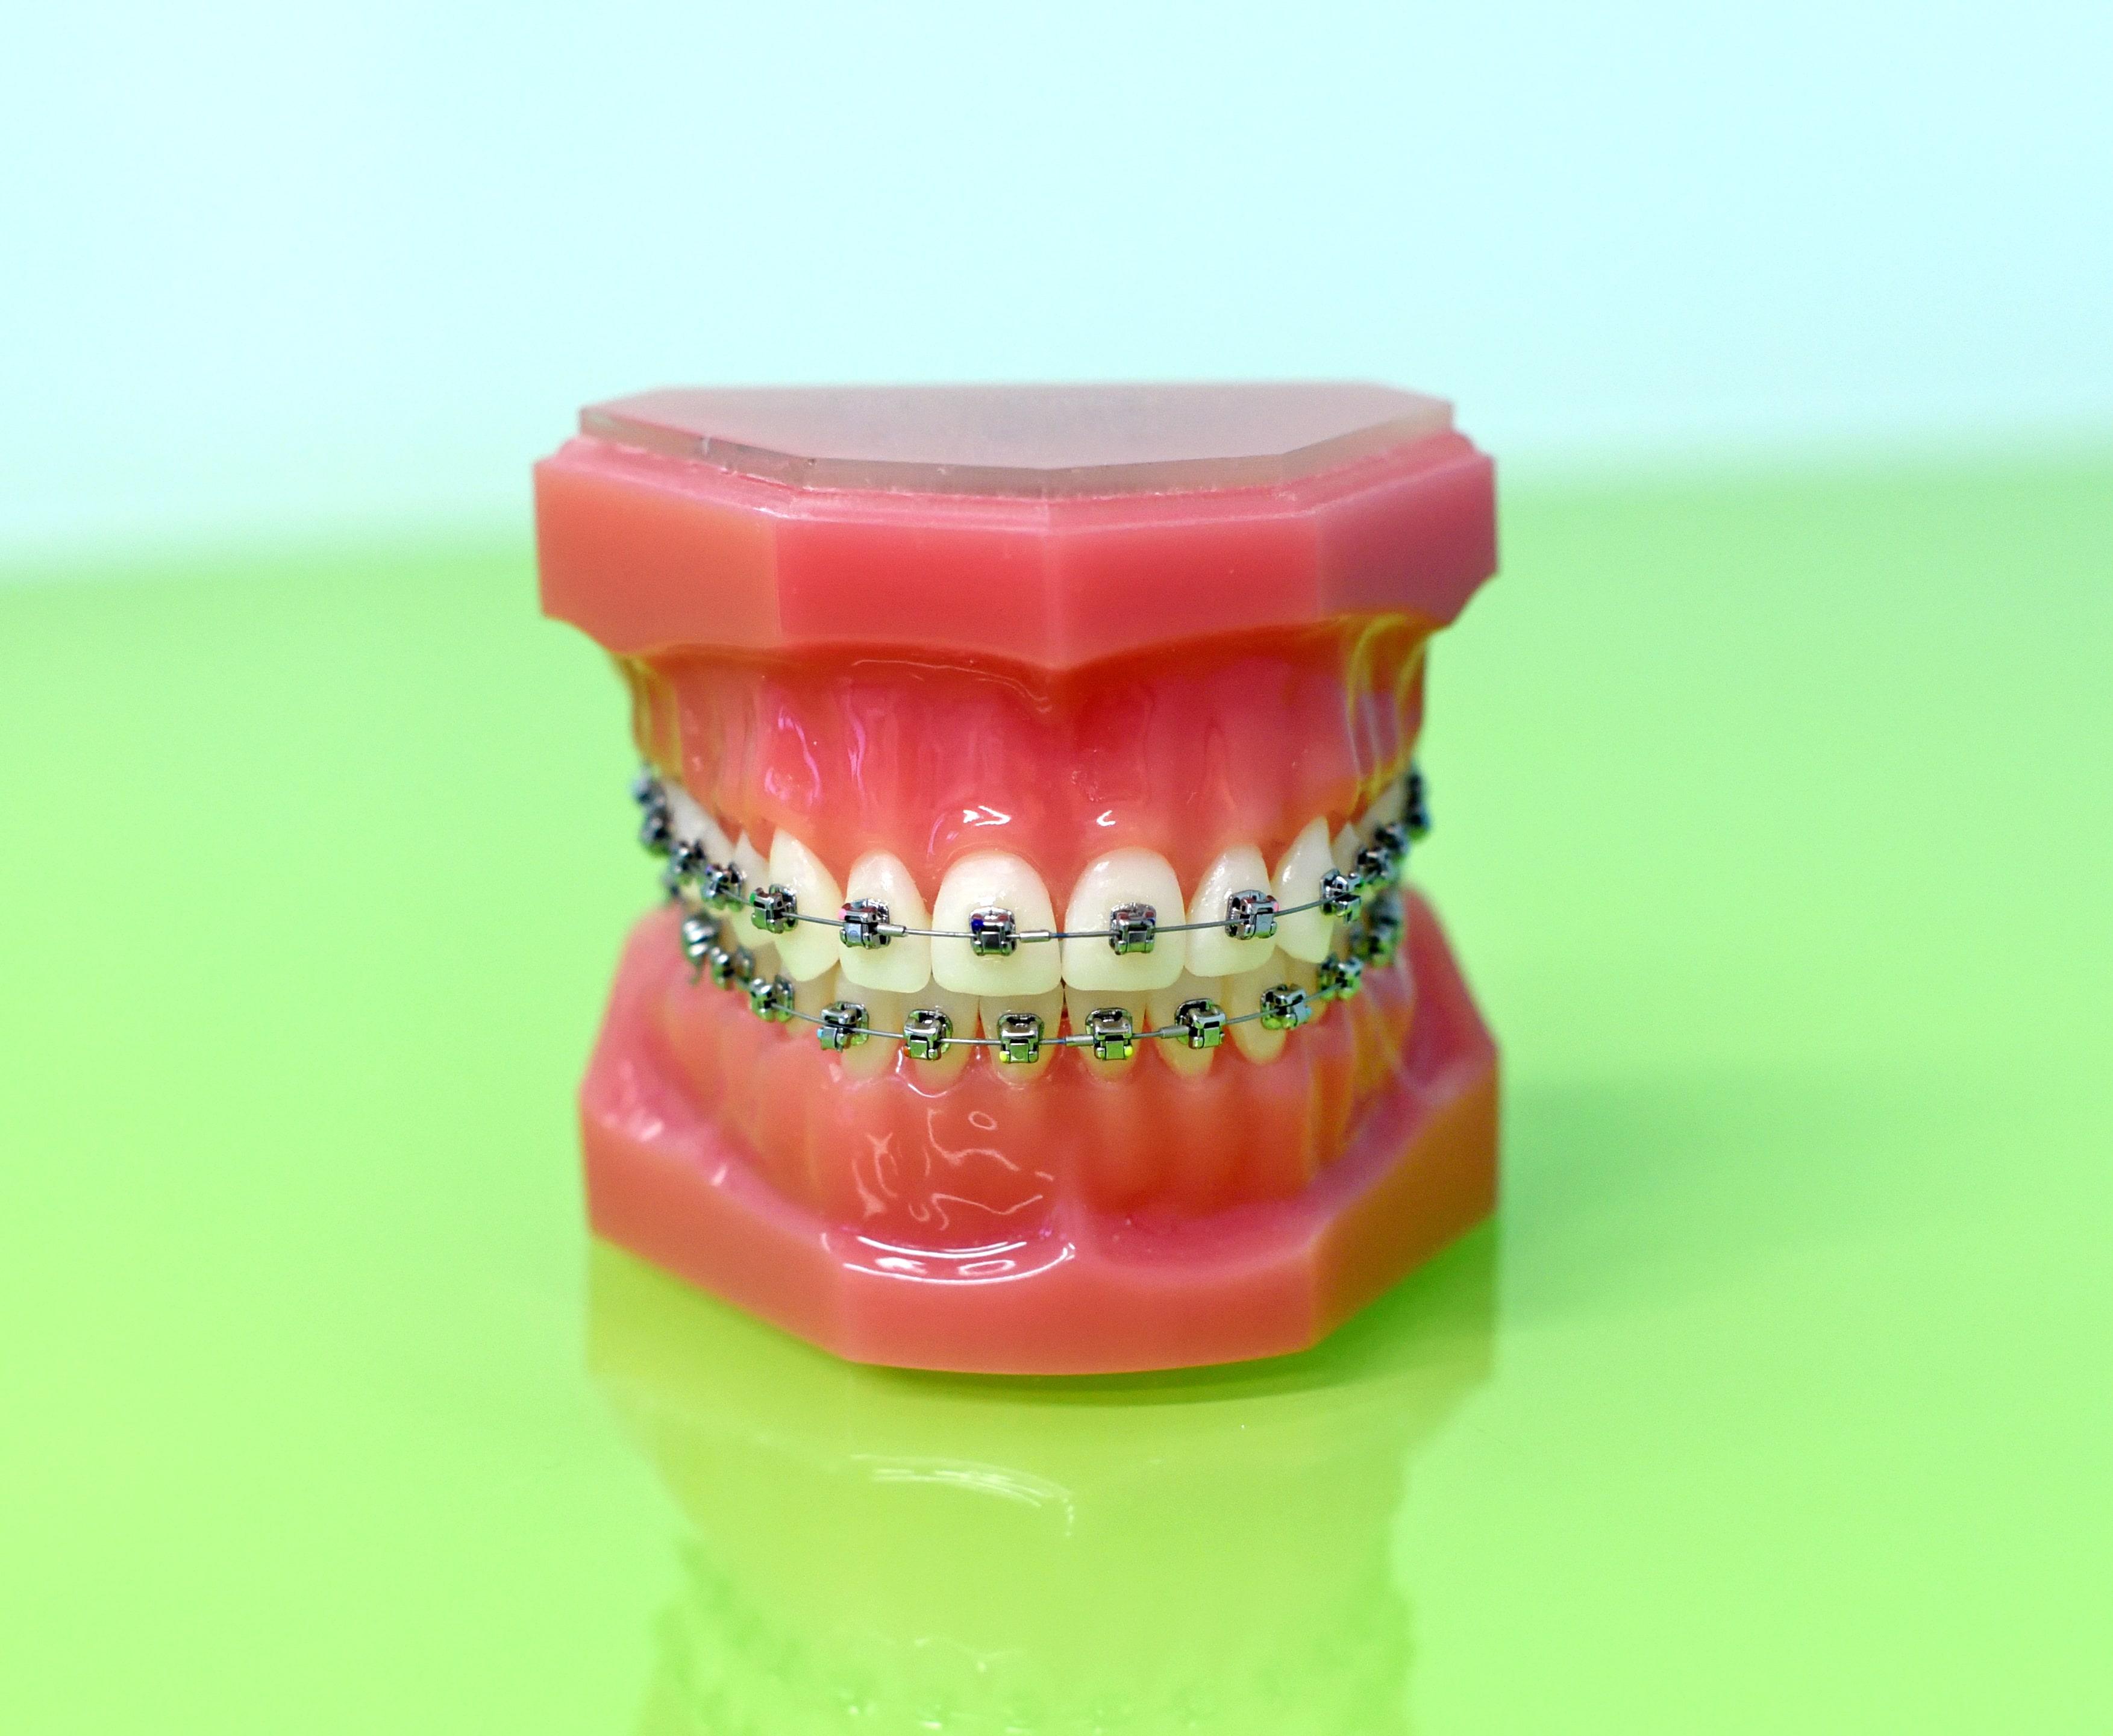 uniodonto-paulista-aparelho-ortodontico-cuidados